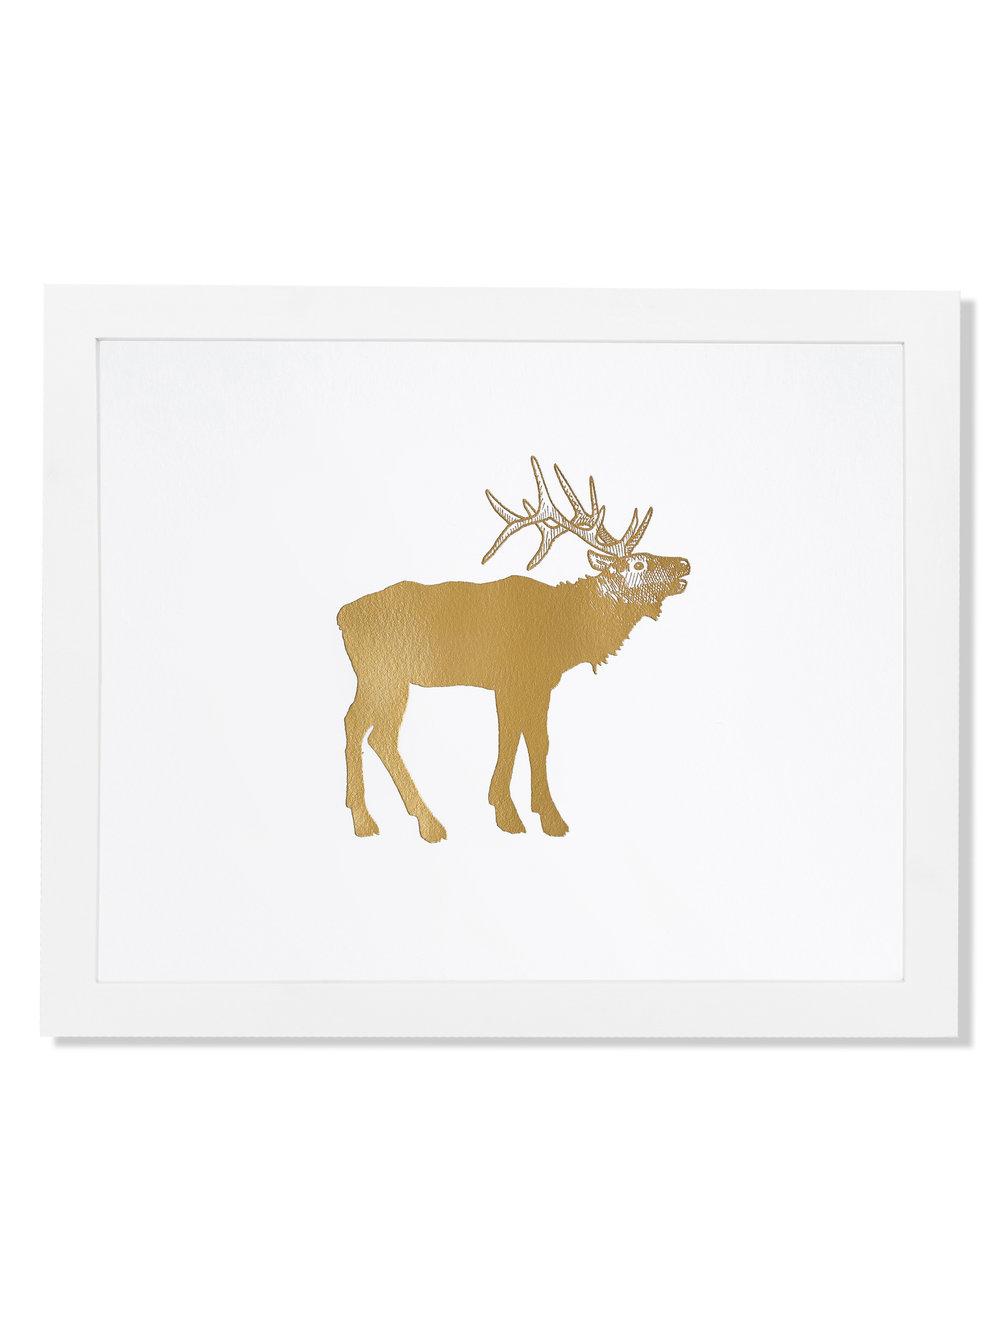 fp014-animal-elk.jpg